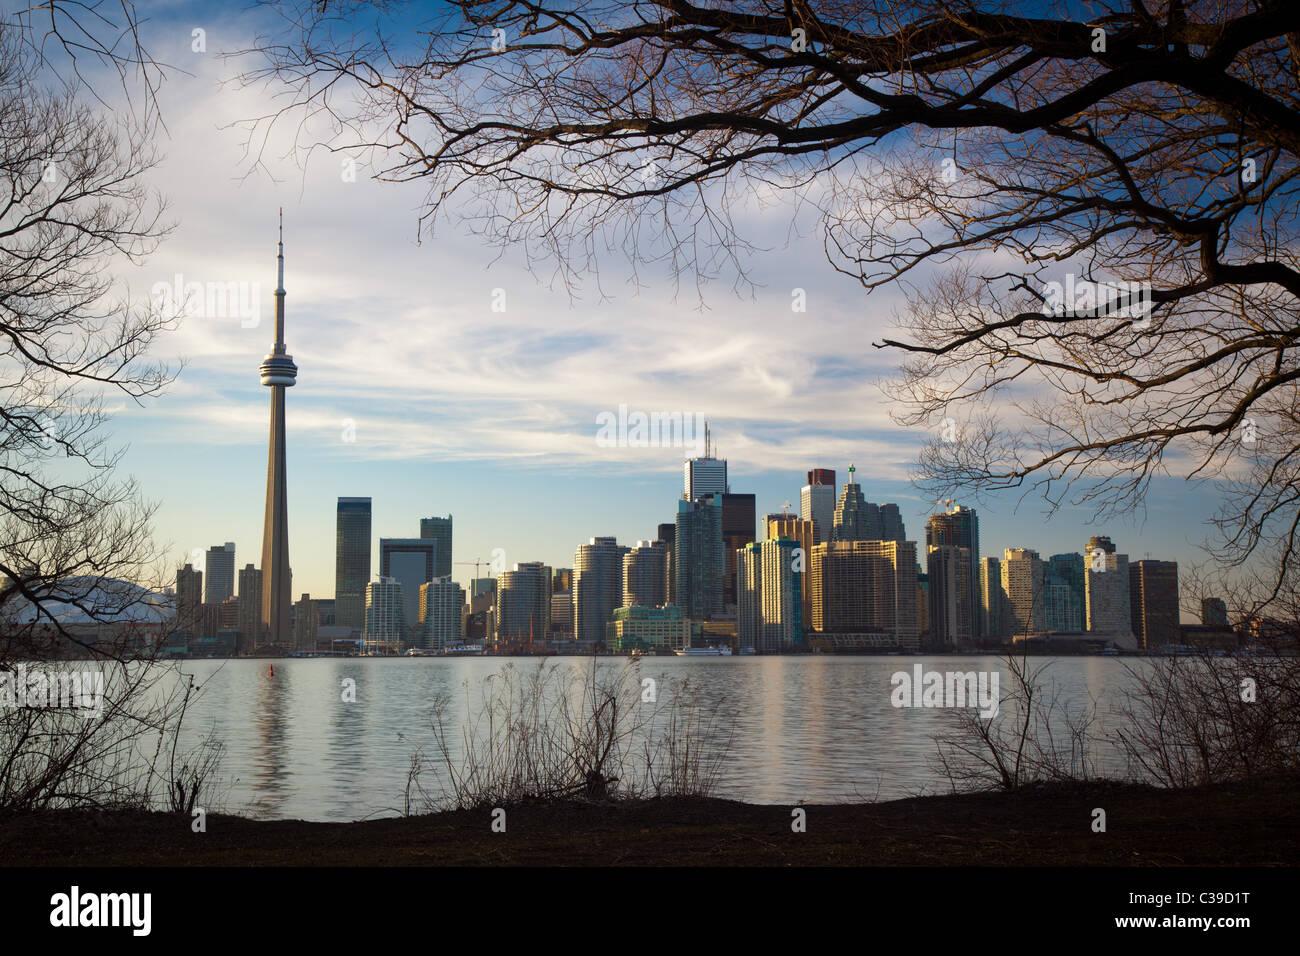 Le centre-ville de Toronto Skyline, y compris la Tour CN et le Centre Rogers, comme on le voit dans la fin d'après Photo Stock